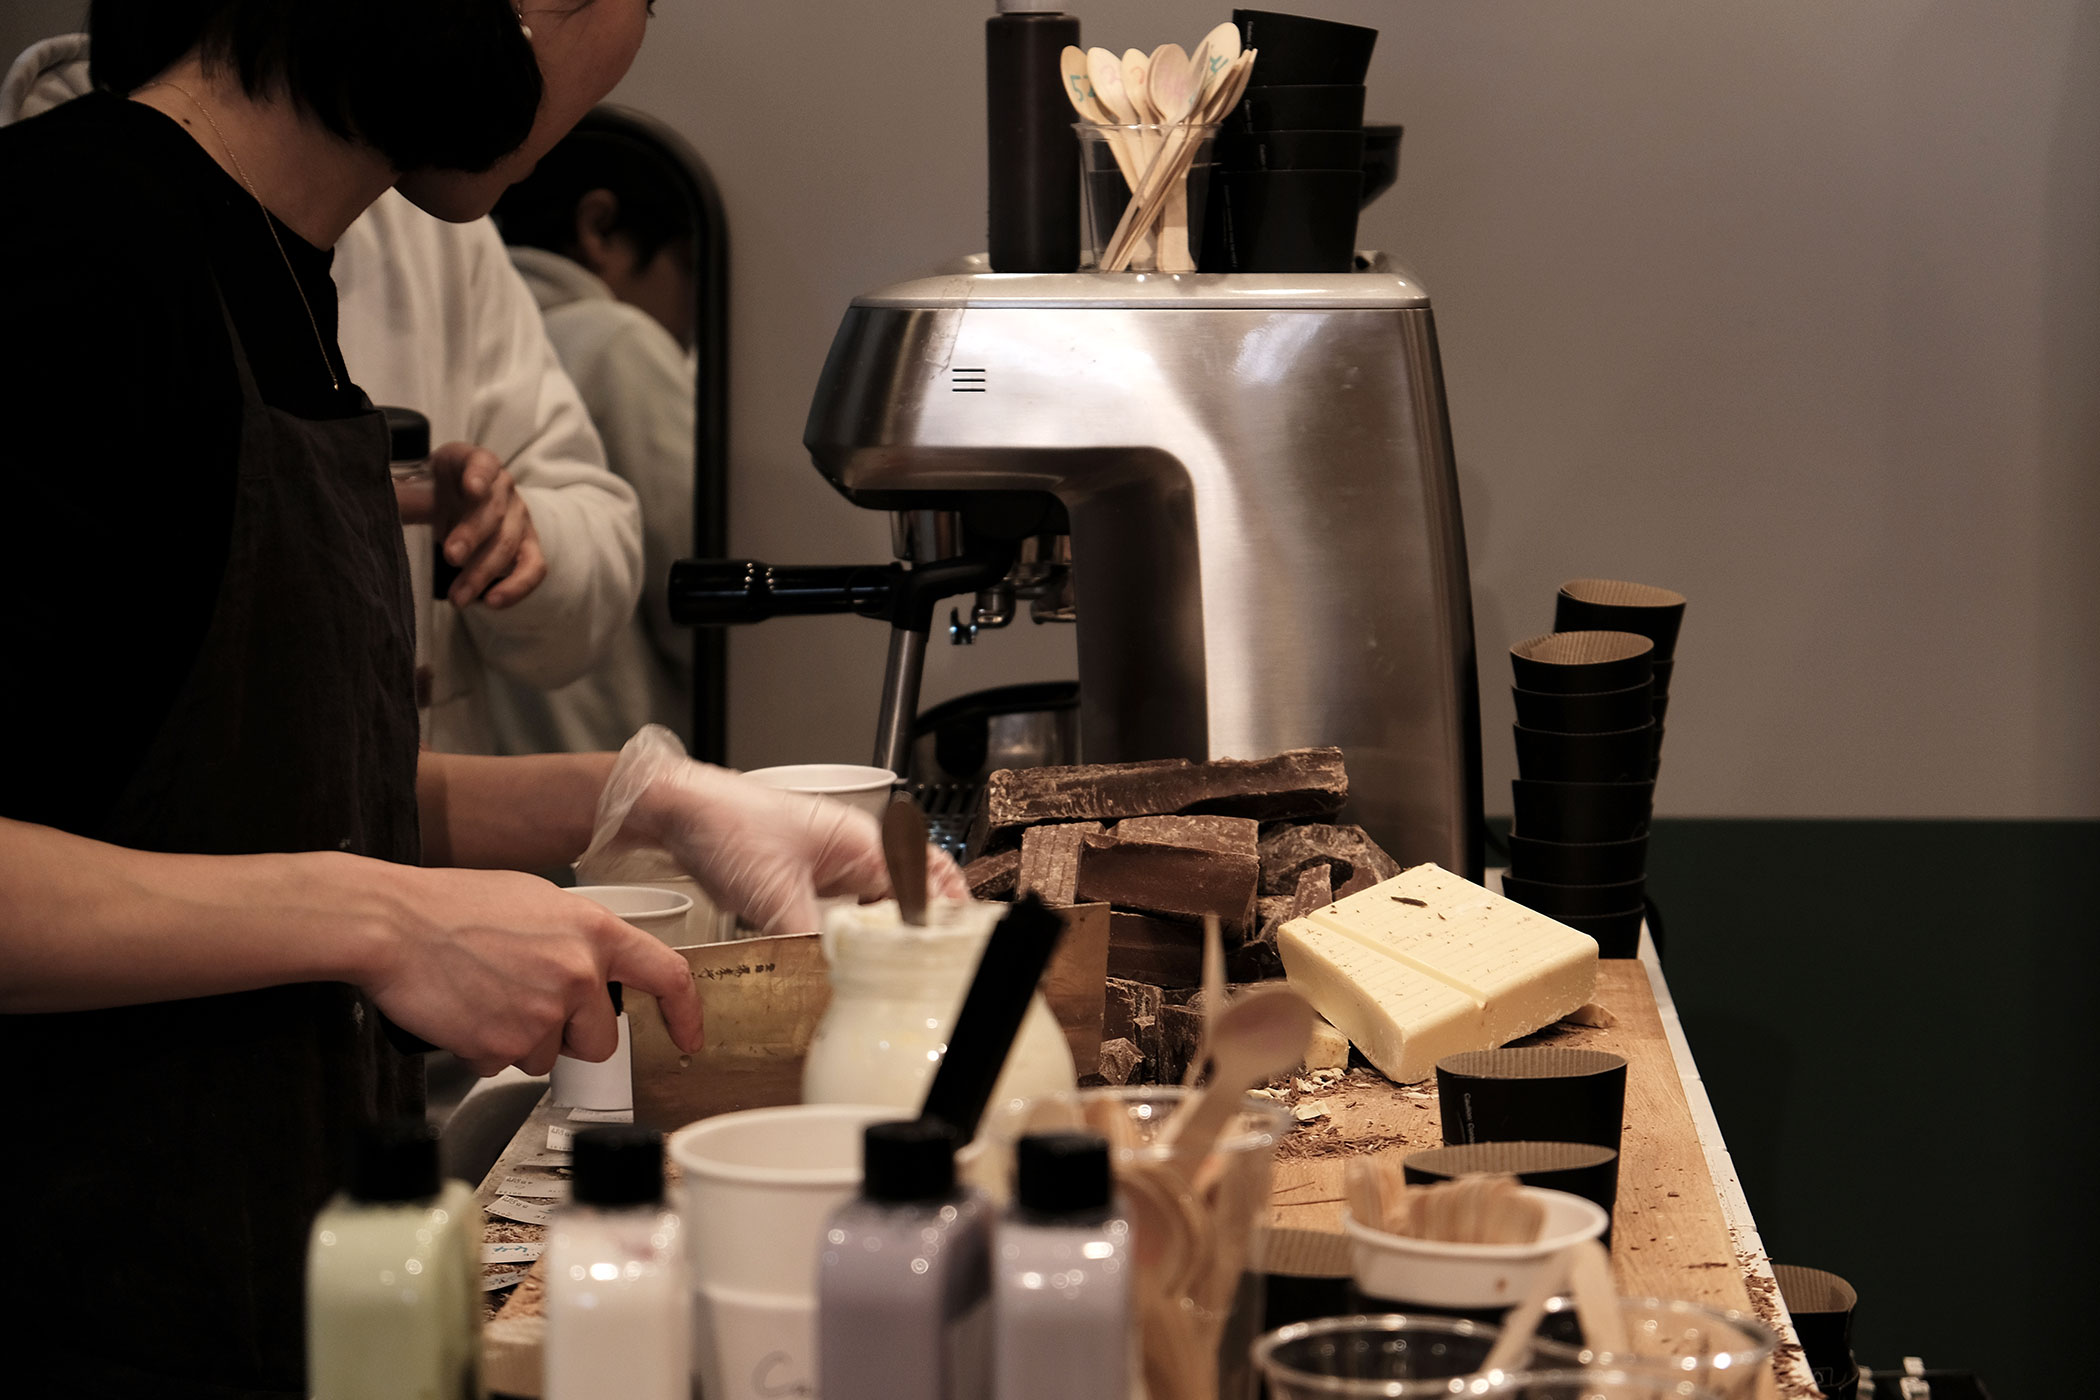 かわいいがつまった堀江のカフェ cafe no (カフェナンバー)